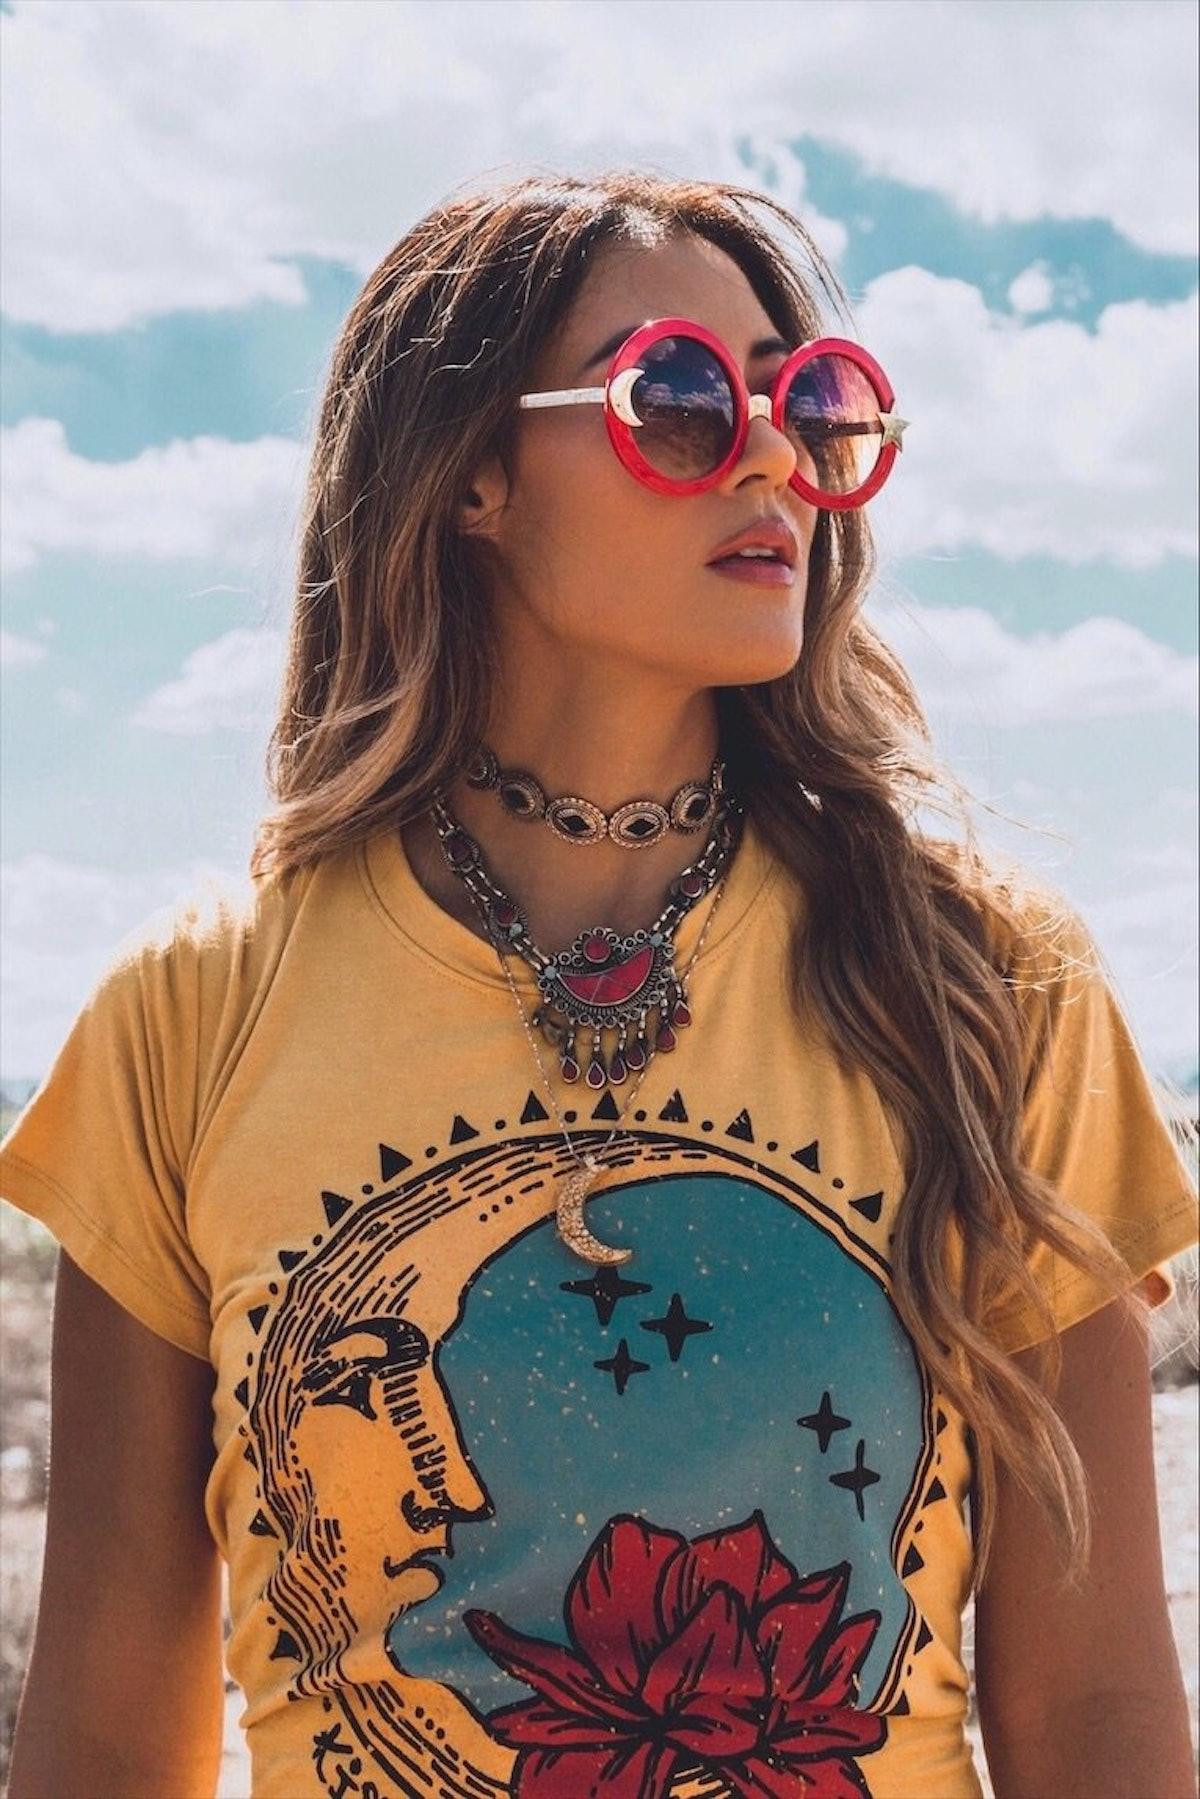 Life Clothing Co. Kiss the Moon Doheny Tee